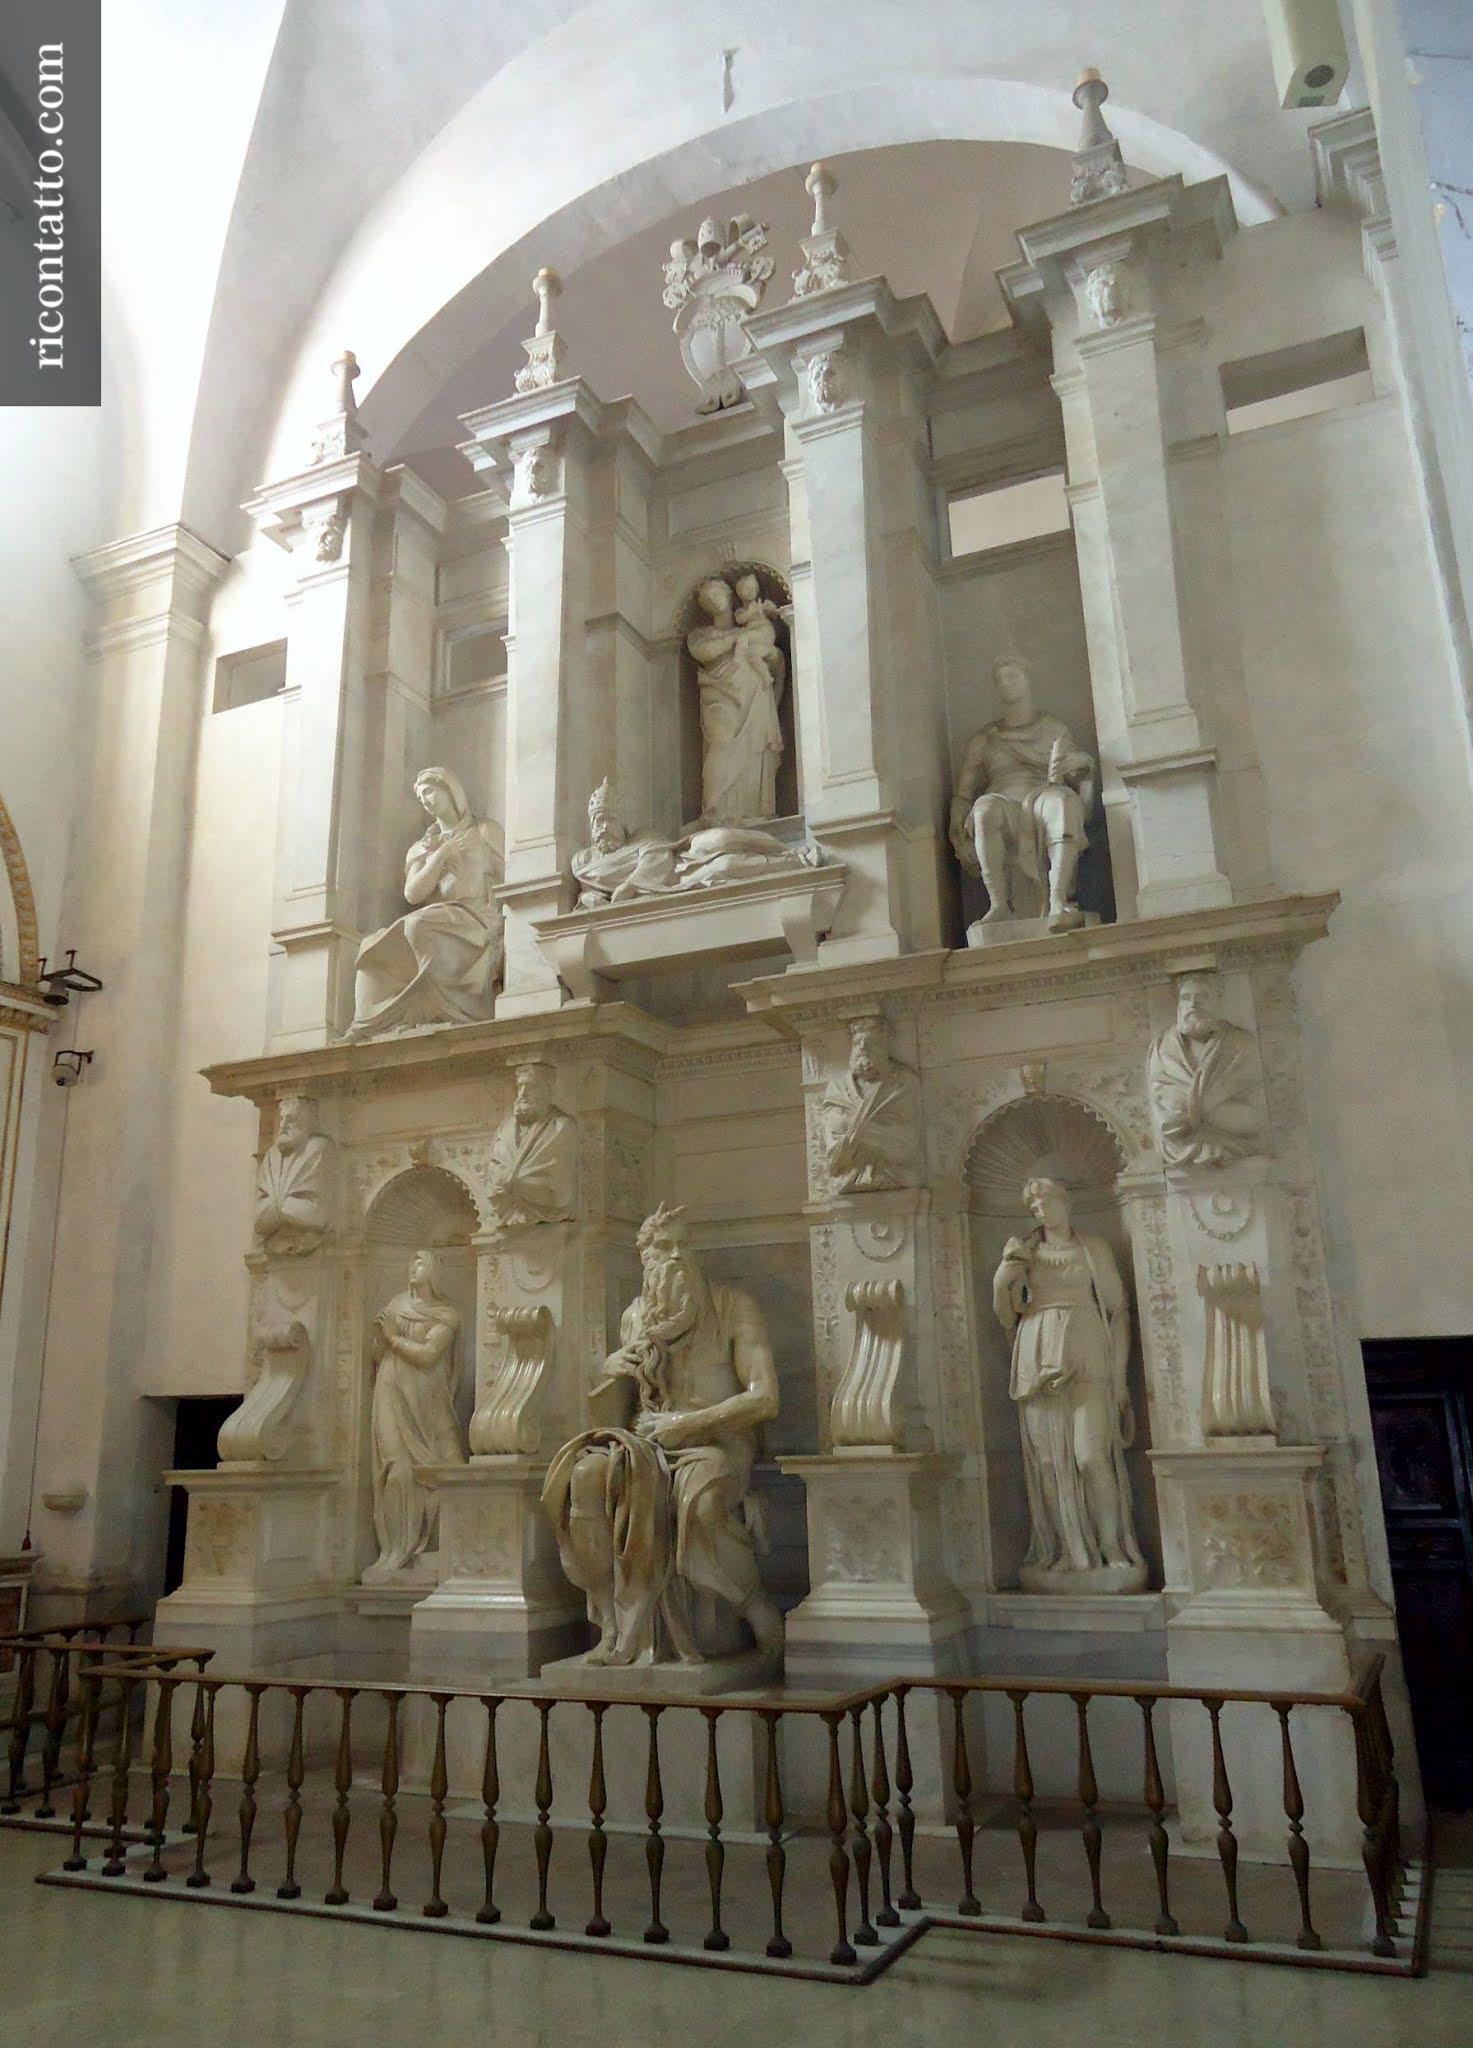 Roma, Lazio, Italy - Photo #05 by Ricontatto.com